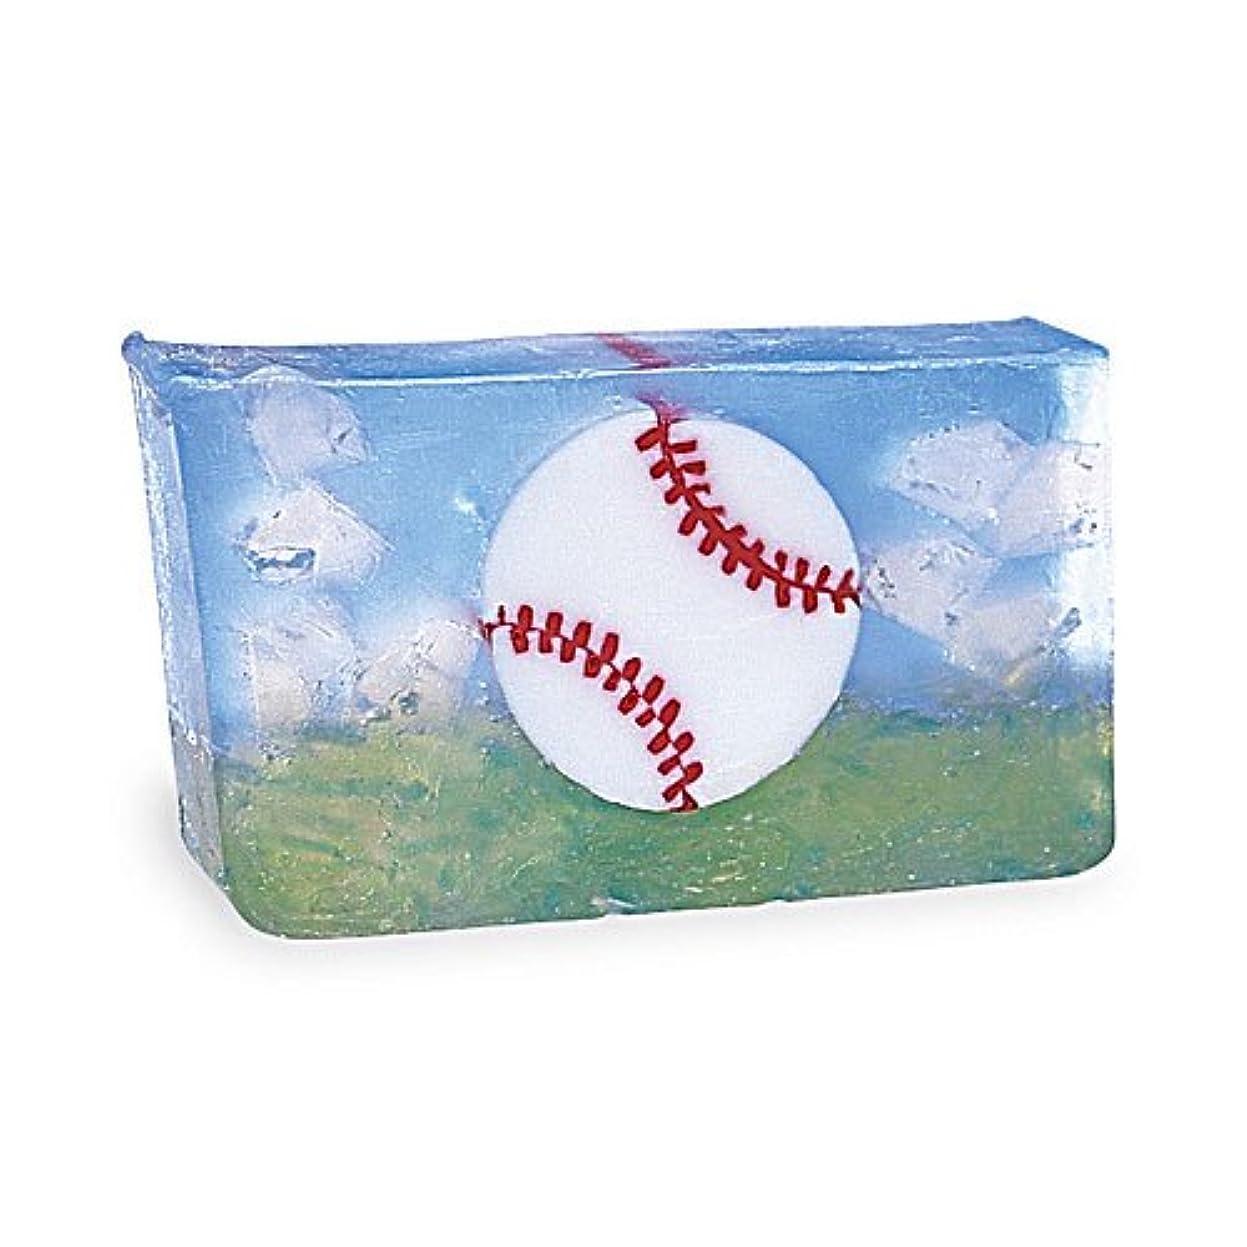 プライモールエレメンツ アロマティック ソープ ベースボール 180g 植物性 ナチュラル 石鹸 無添加